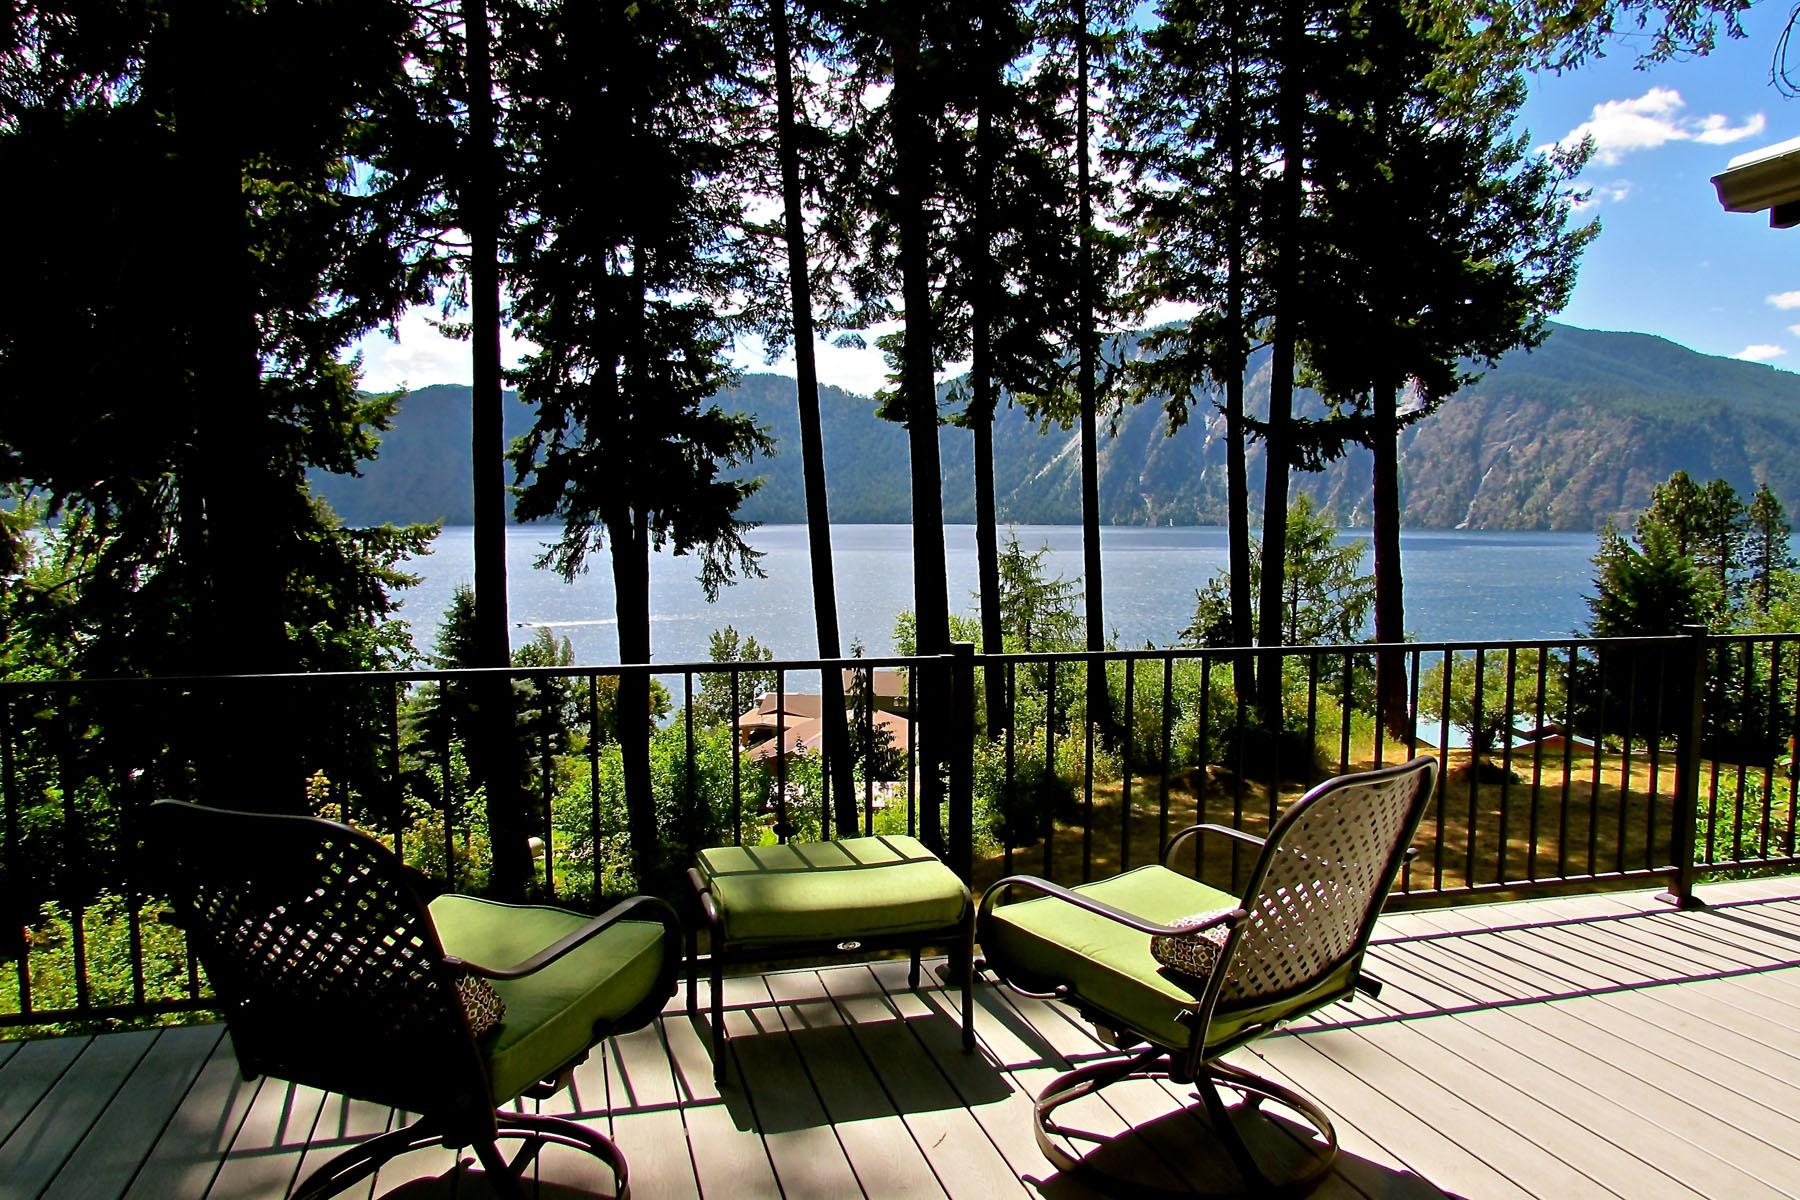 단독 가정 주택 용 매매 에 Stunning Lake Pend Oreille Views! 34274 N Pend Oreille Pines Bayview, 아이다호 83803 미국